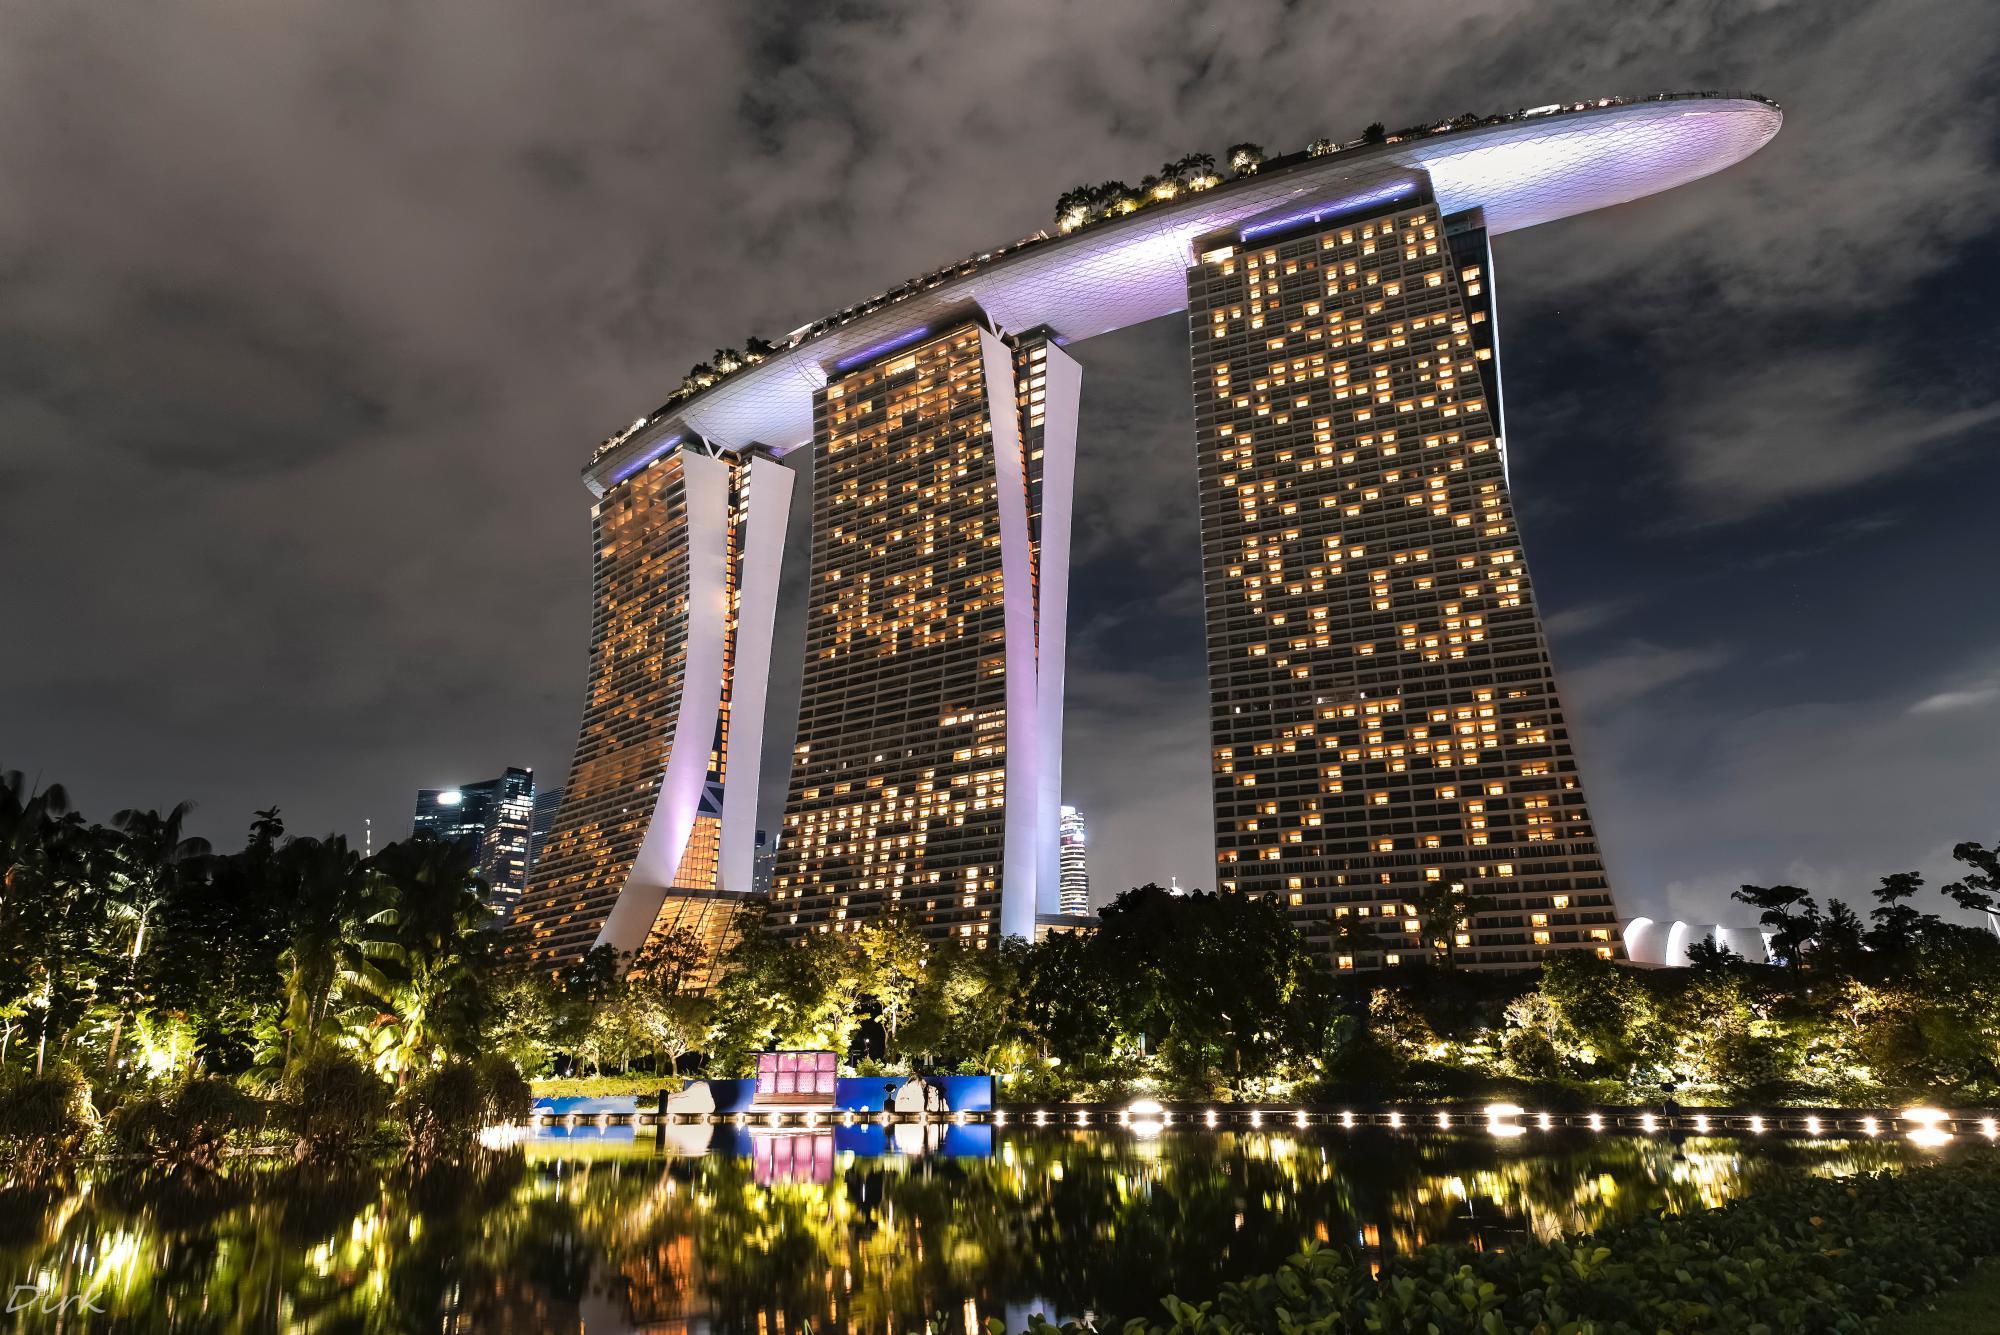 С 30 июля в Сингапуре заработает централизованный реестр бенефициаров